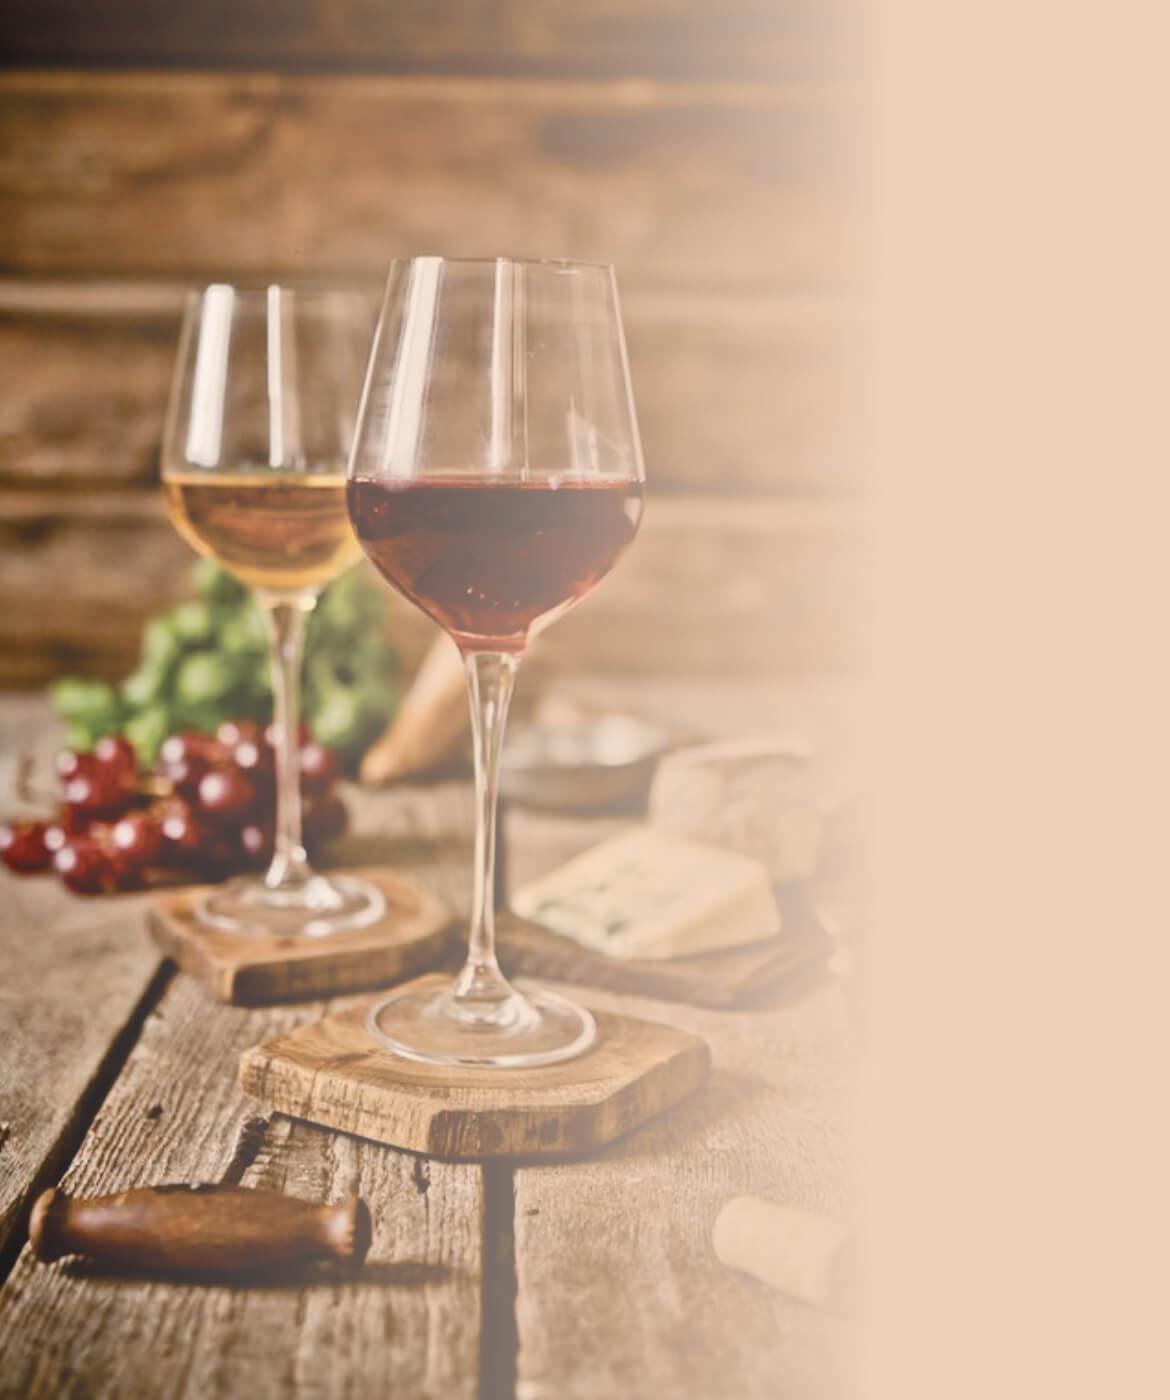 sa wines image